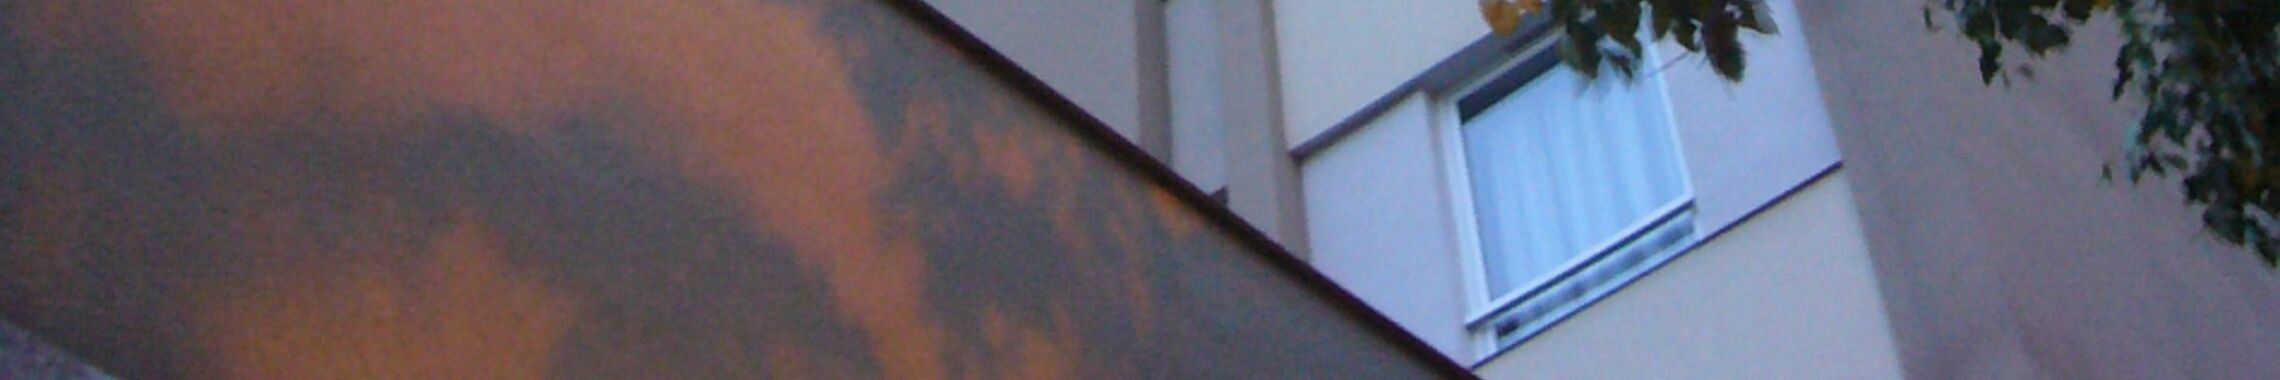 Hochhausfenster